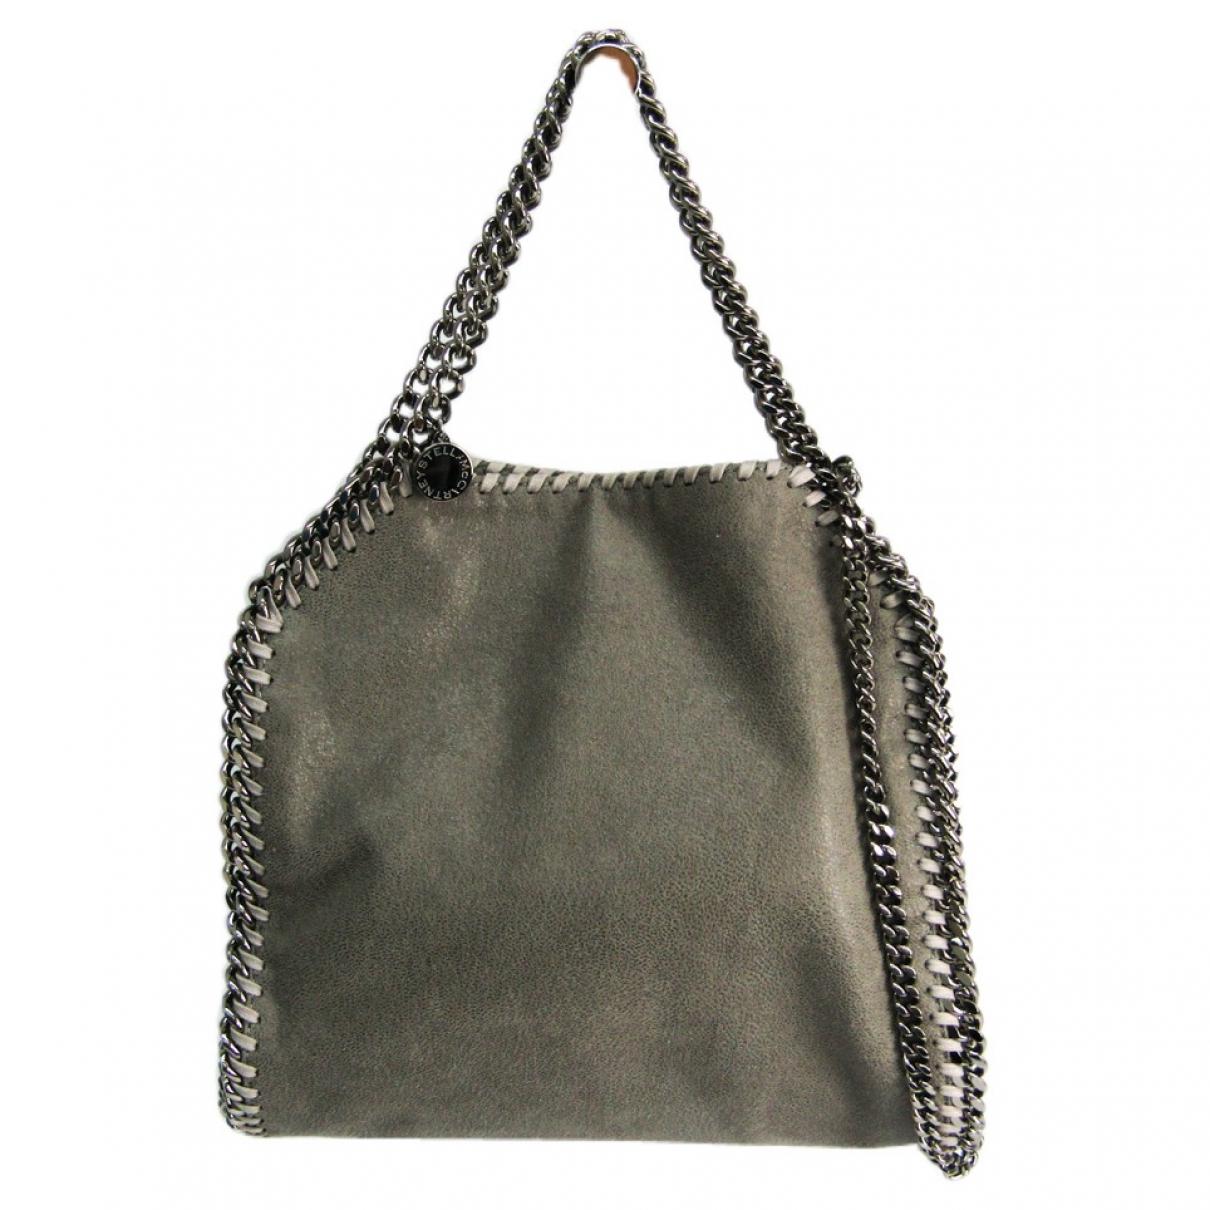 Stella Mccartney N Grey handbag for Women N